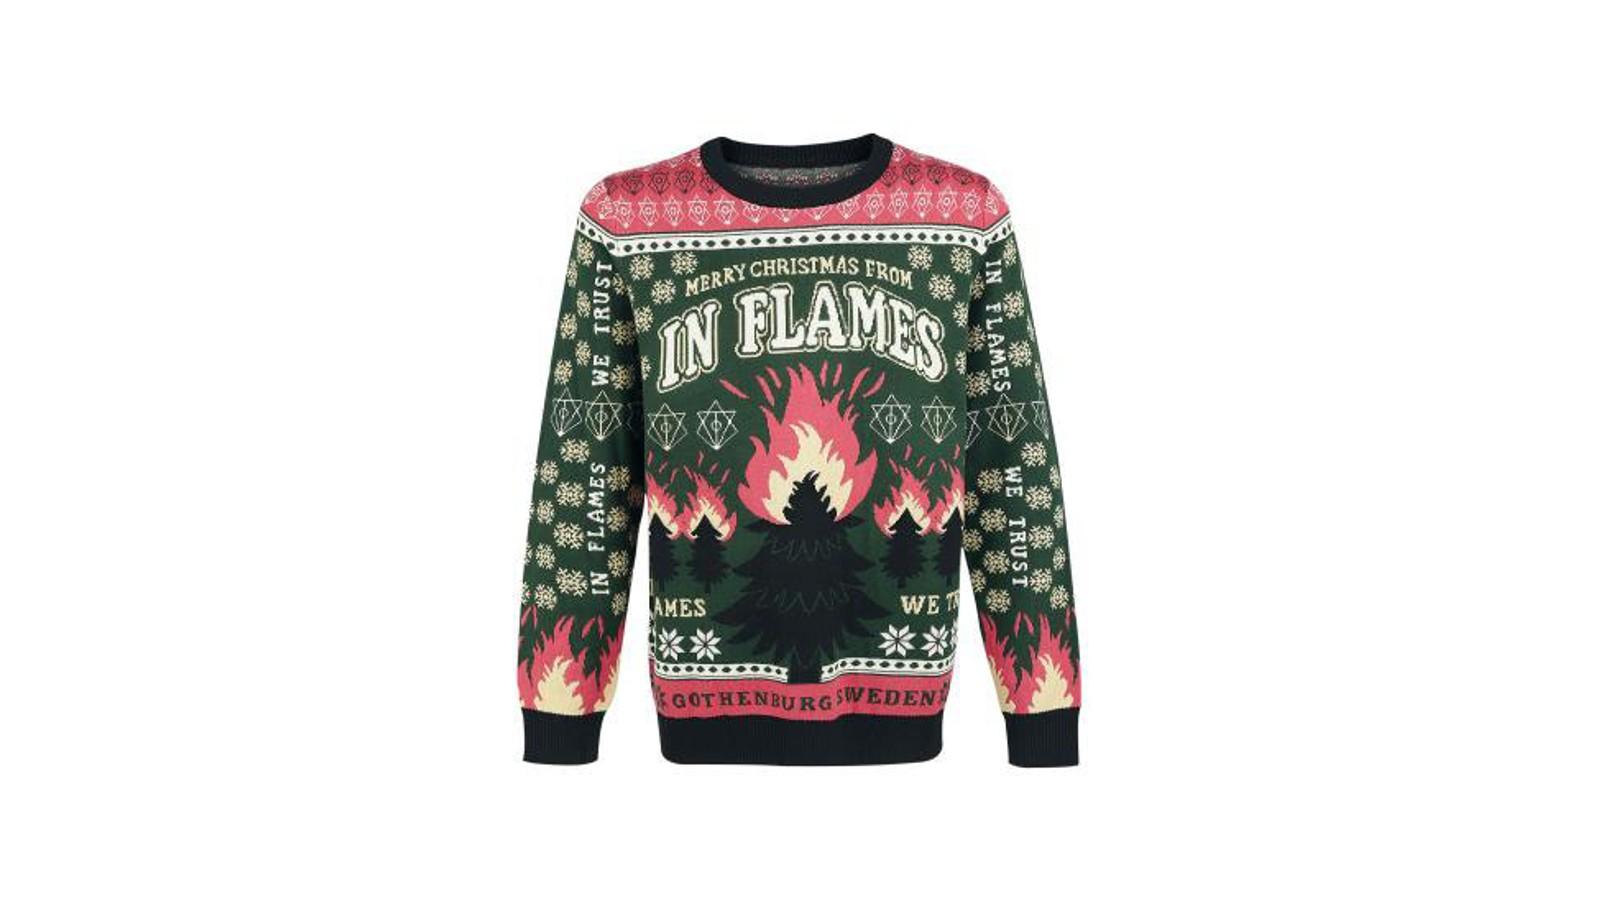 Julegenseren til det svenske bandet har, som en klassisk julegenser, et juletre som hovedmotiv. Forskjellen er vel bare at juletreet er som bandnavnet, i flammer.